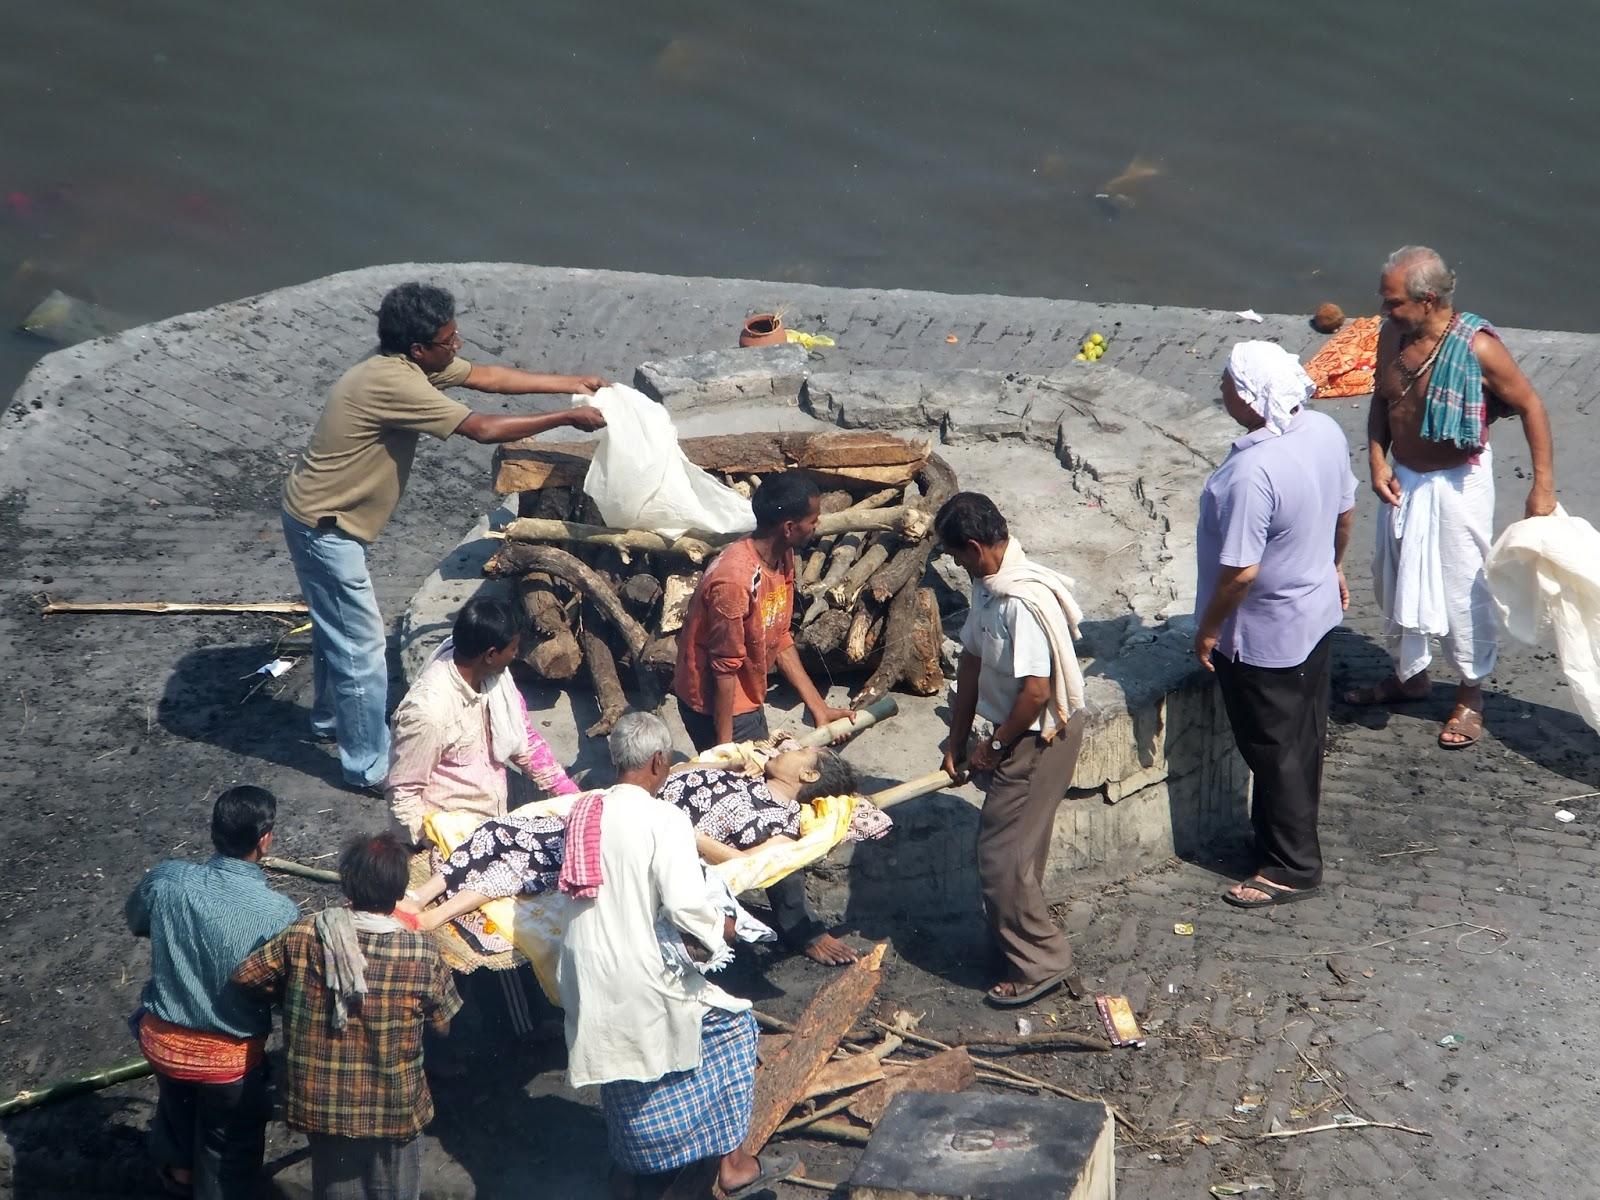 процесс кремации в Индии